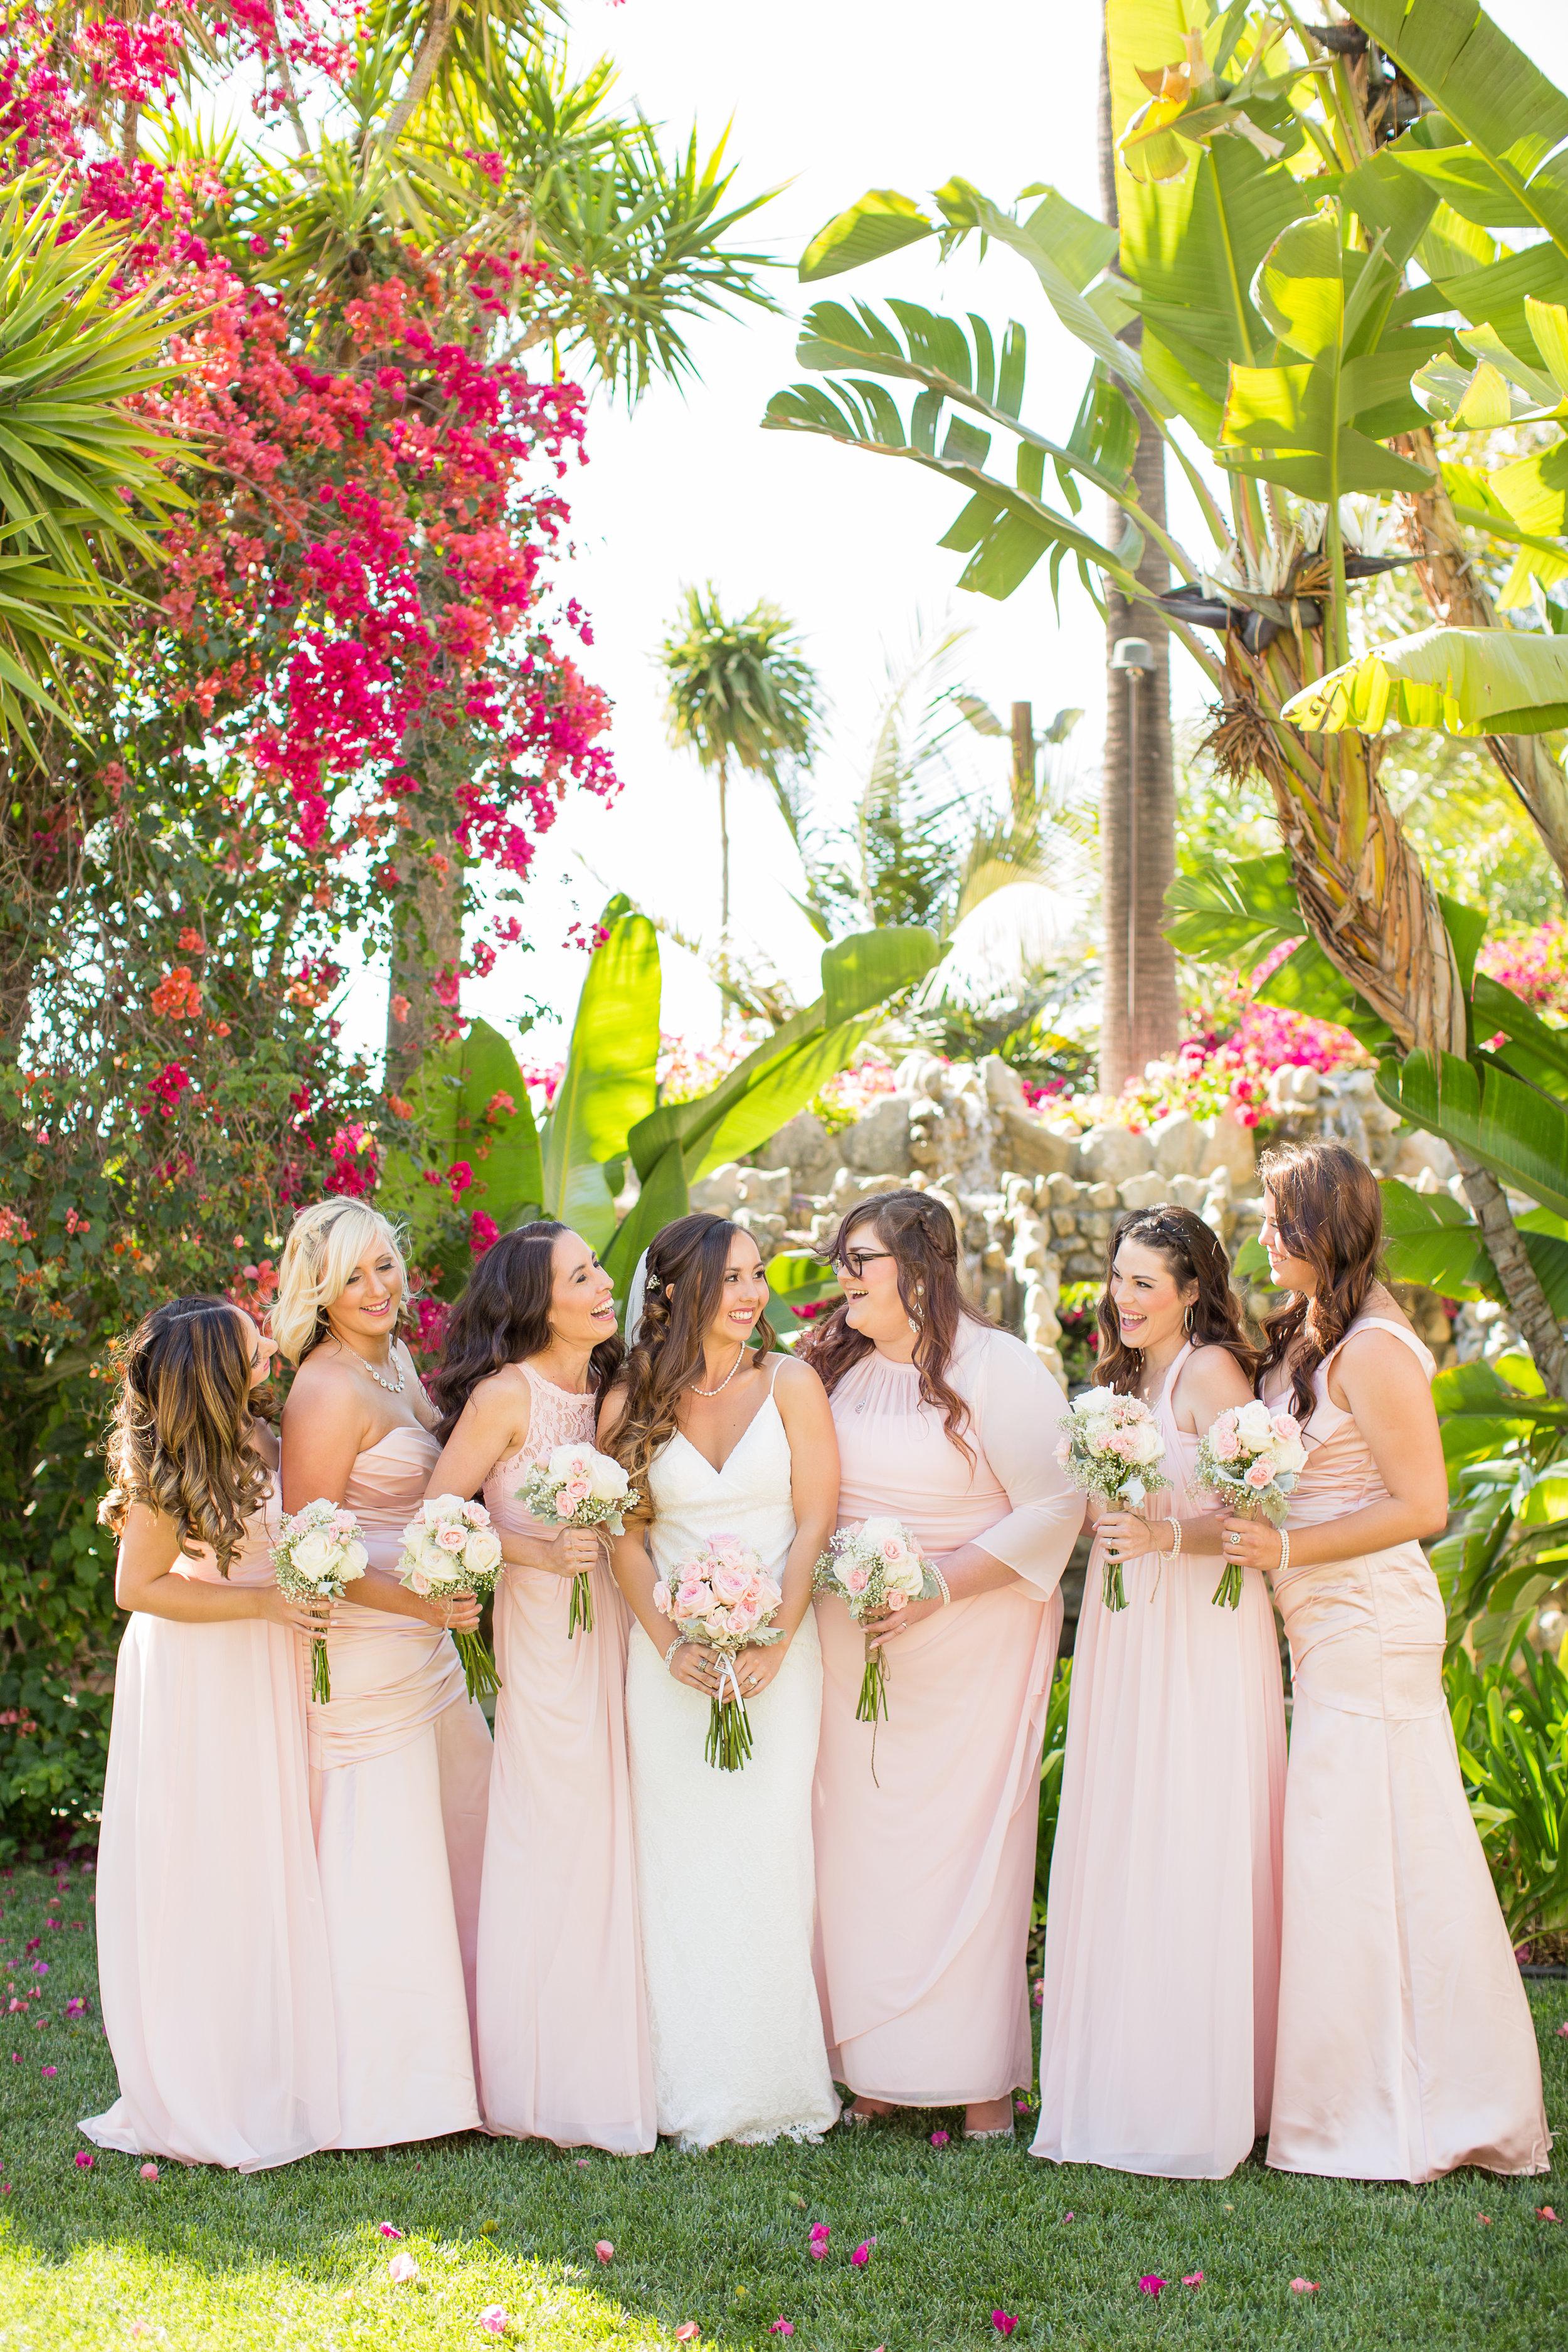 kyle_paige_moorpark_wedding-219.jpg